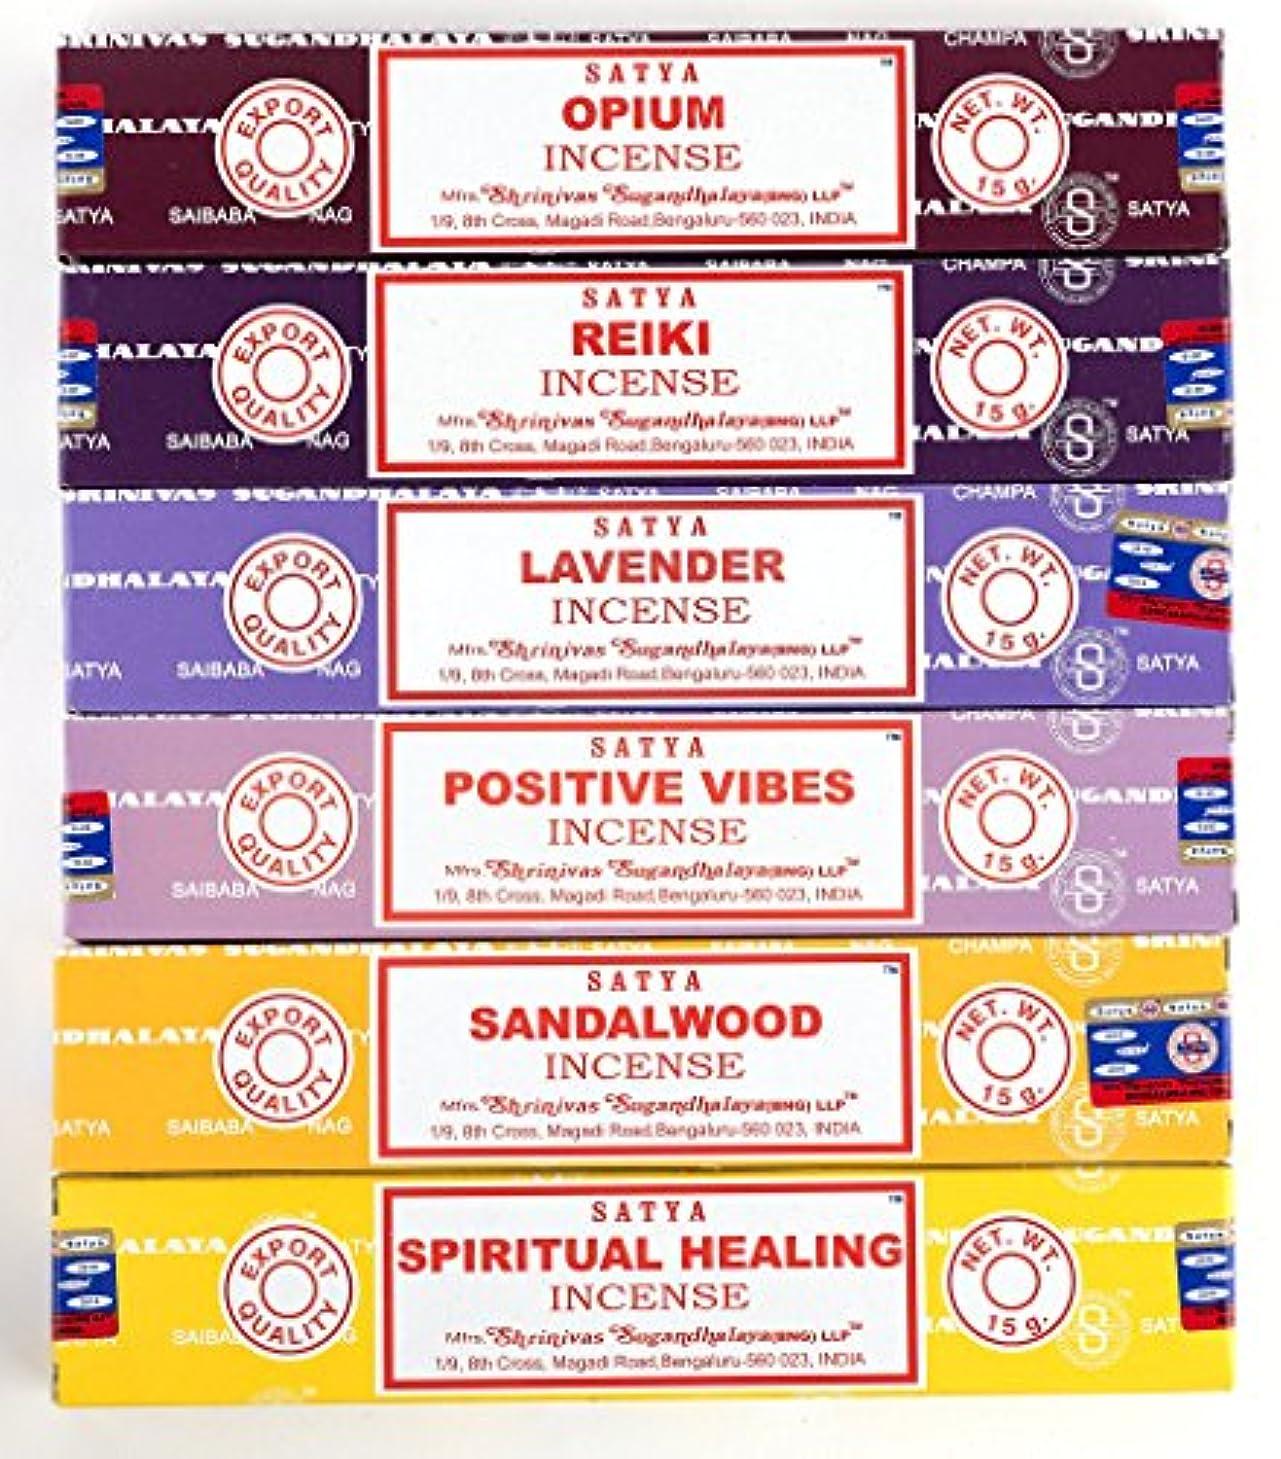 スノーケル賞賛通信網Nag Champa 6 Piece Variety Pack – Opium、レイキ、ラベンダー、Positive Vibes、サンダルウッド、Spiritual Healing